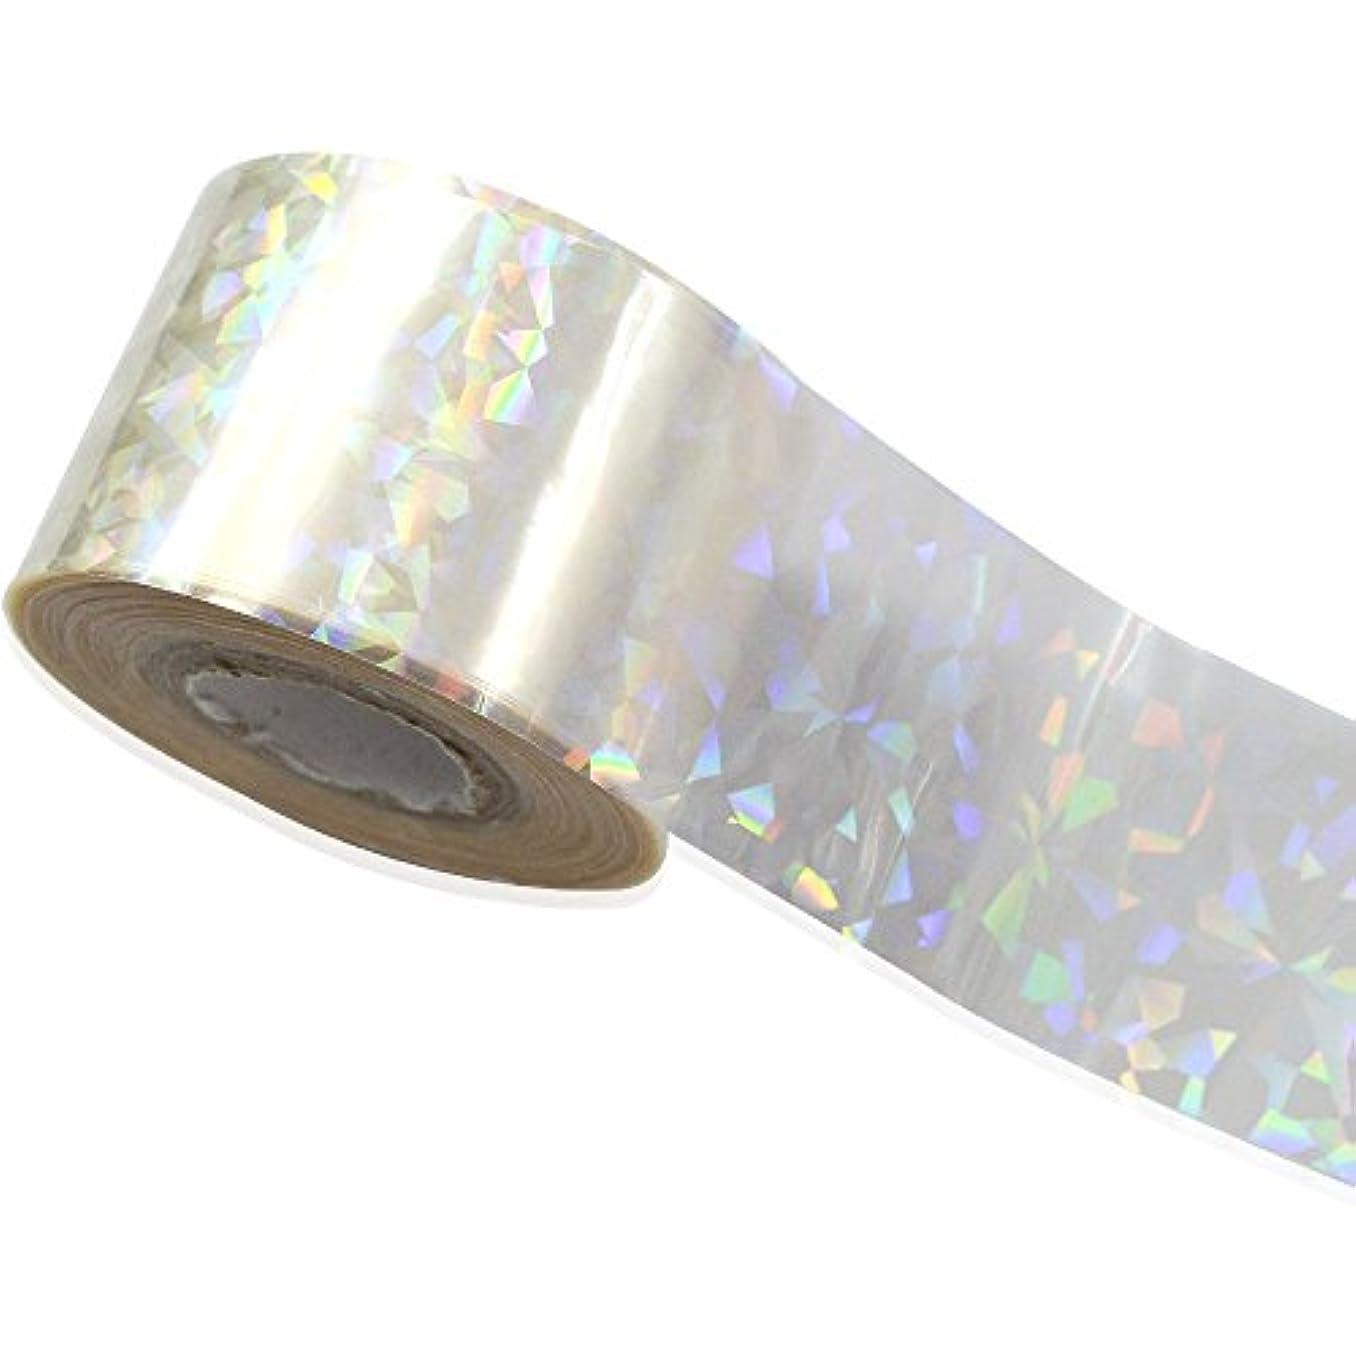 平和な宿る音節SUKTI&XIAO ネイルステッカー 100Cmx4Cm壊れたガラスミラー箔箔指diyネイルアートペーパーステッカーdiyネイル美容装飾ツール